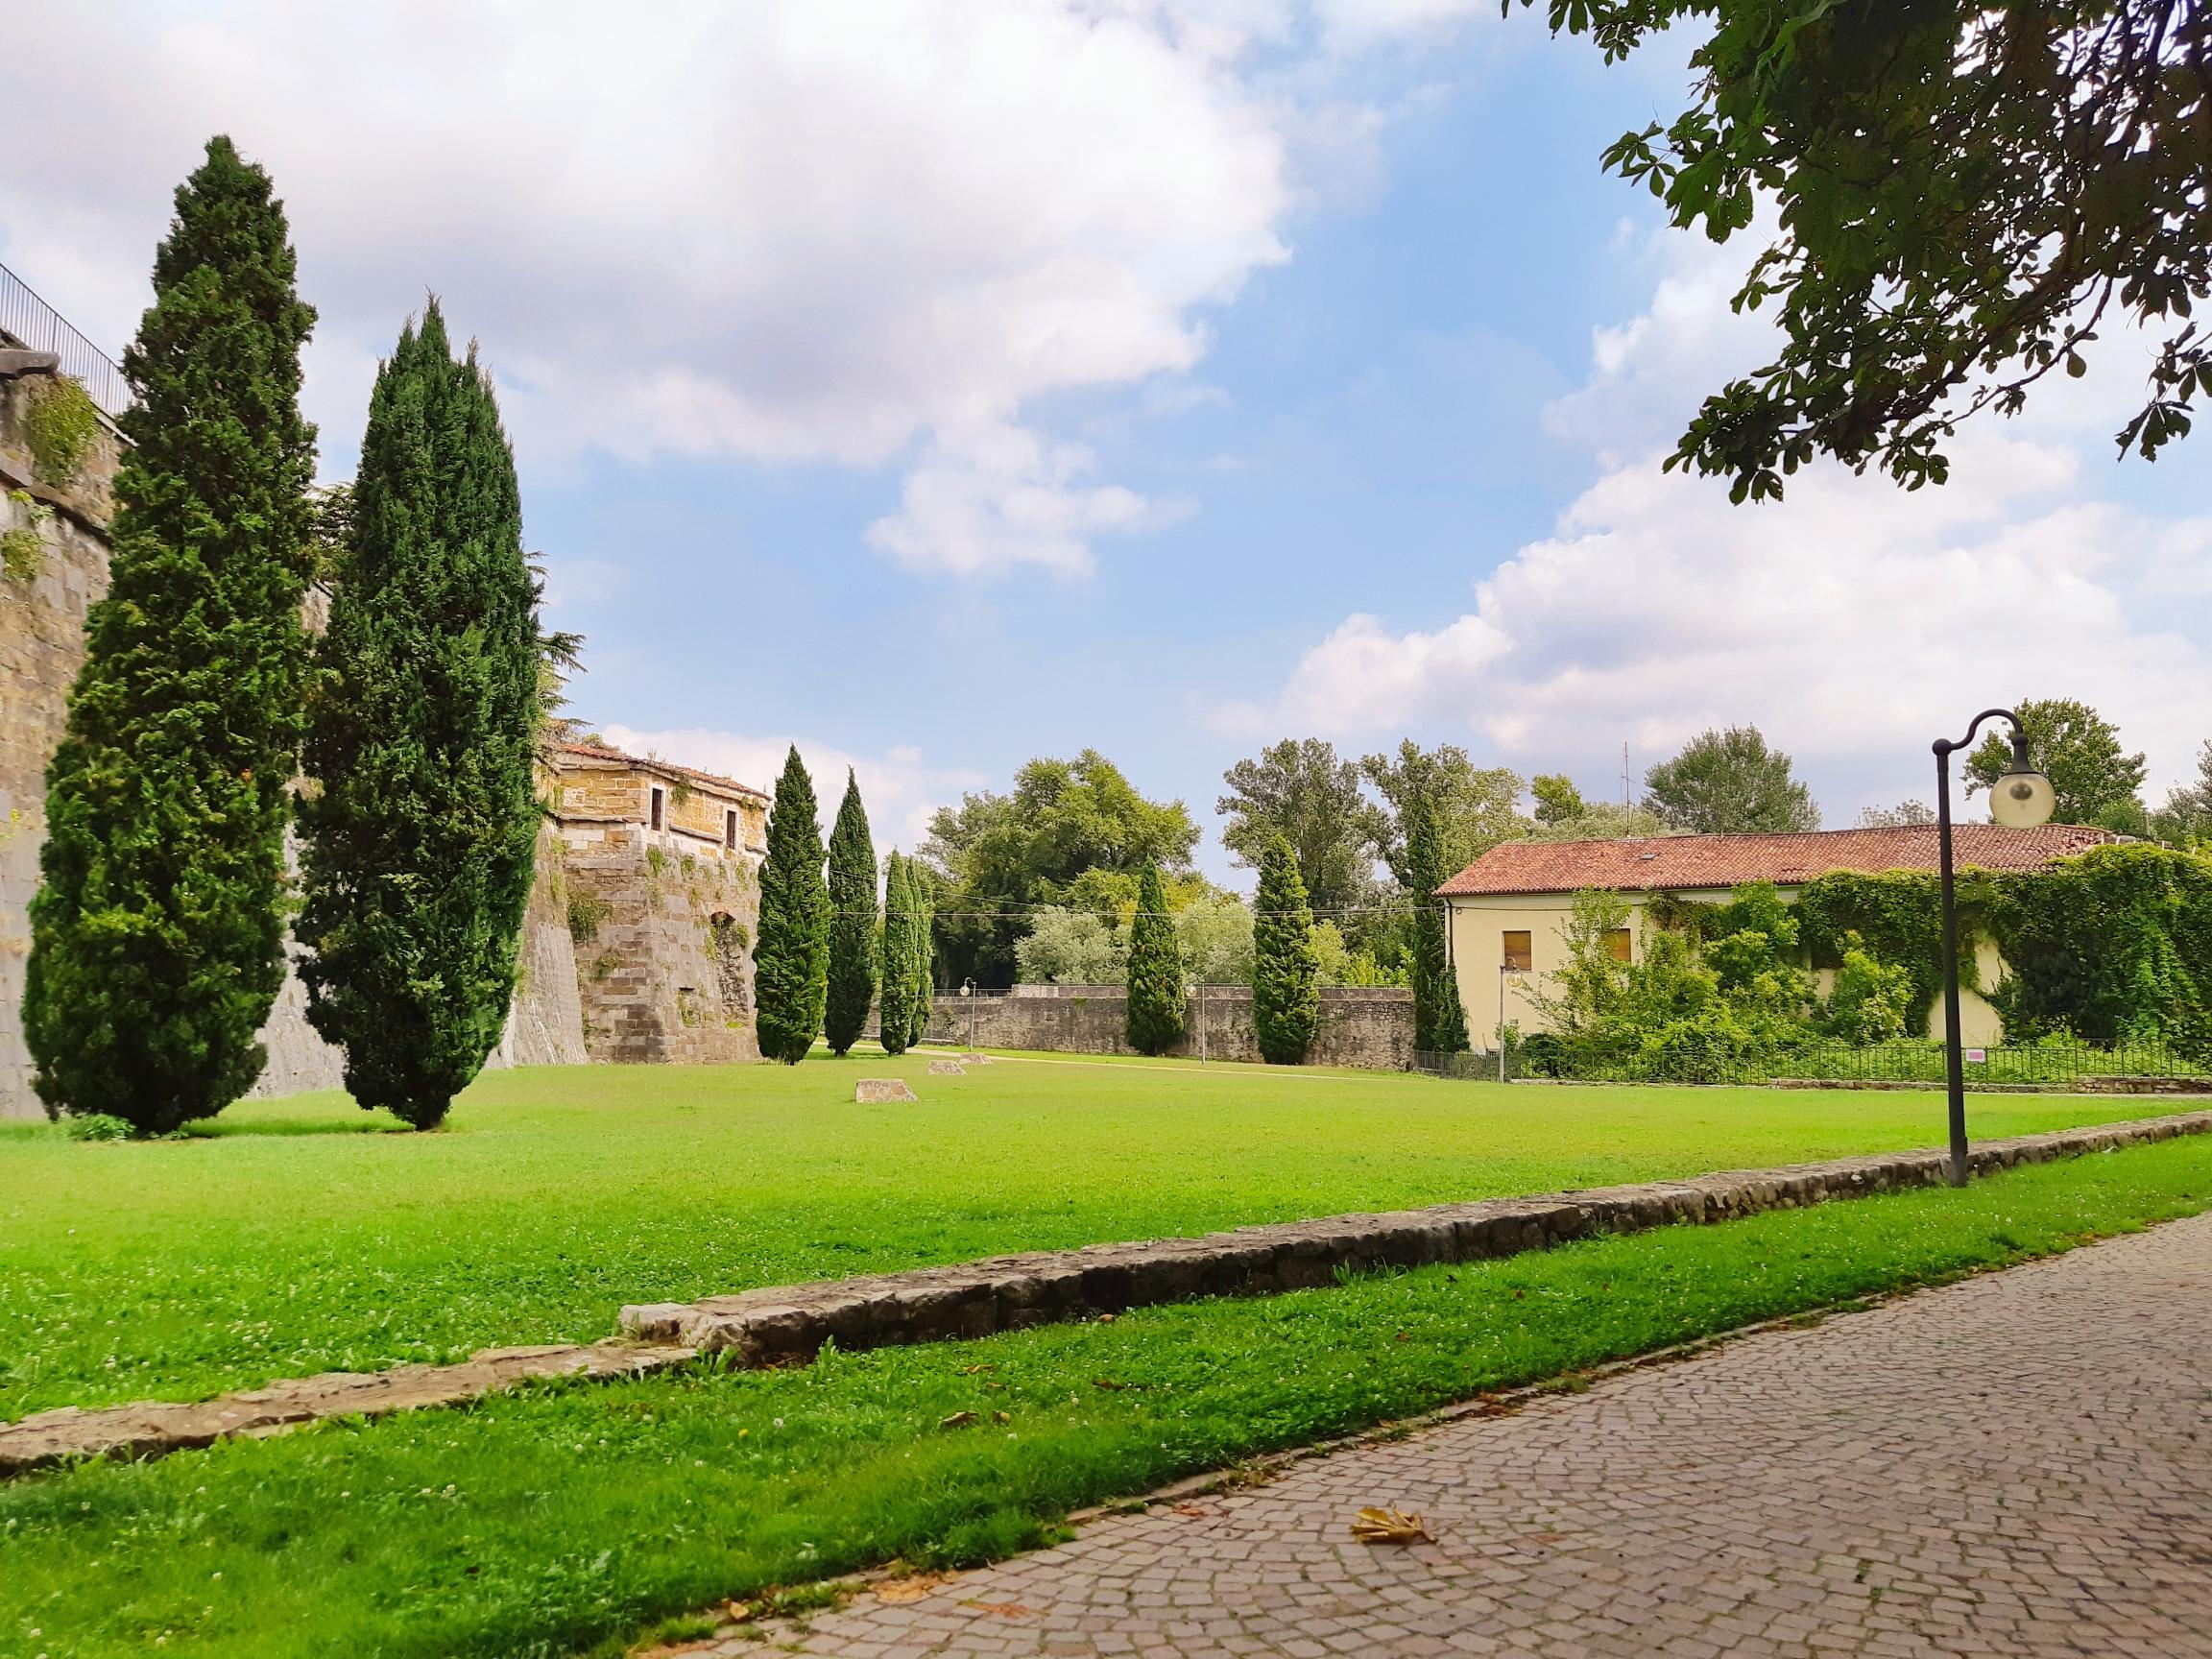 Gradisca d'Isonzo - 48